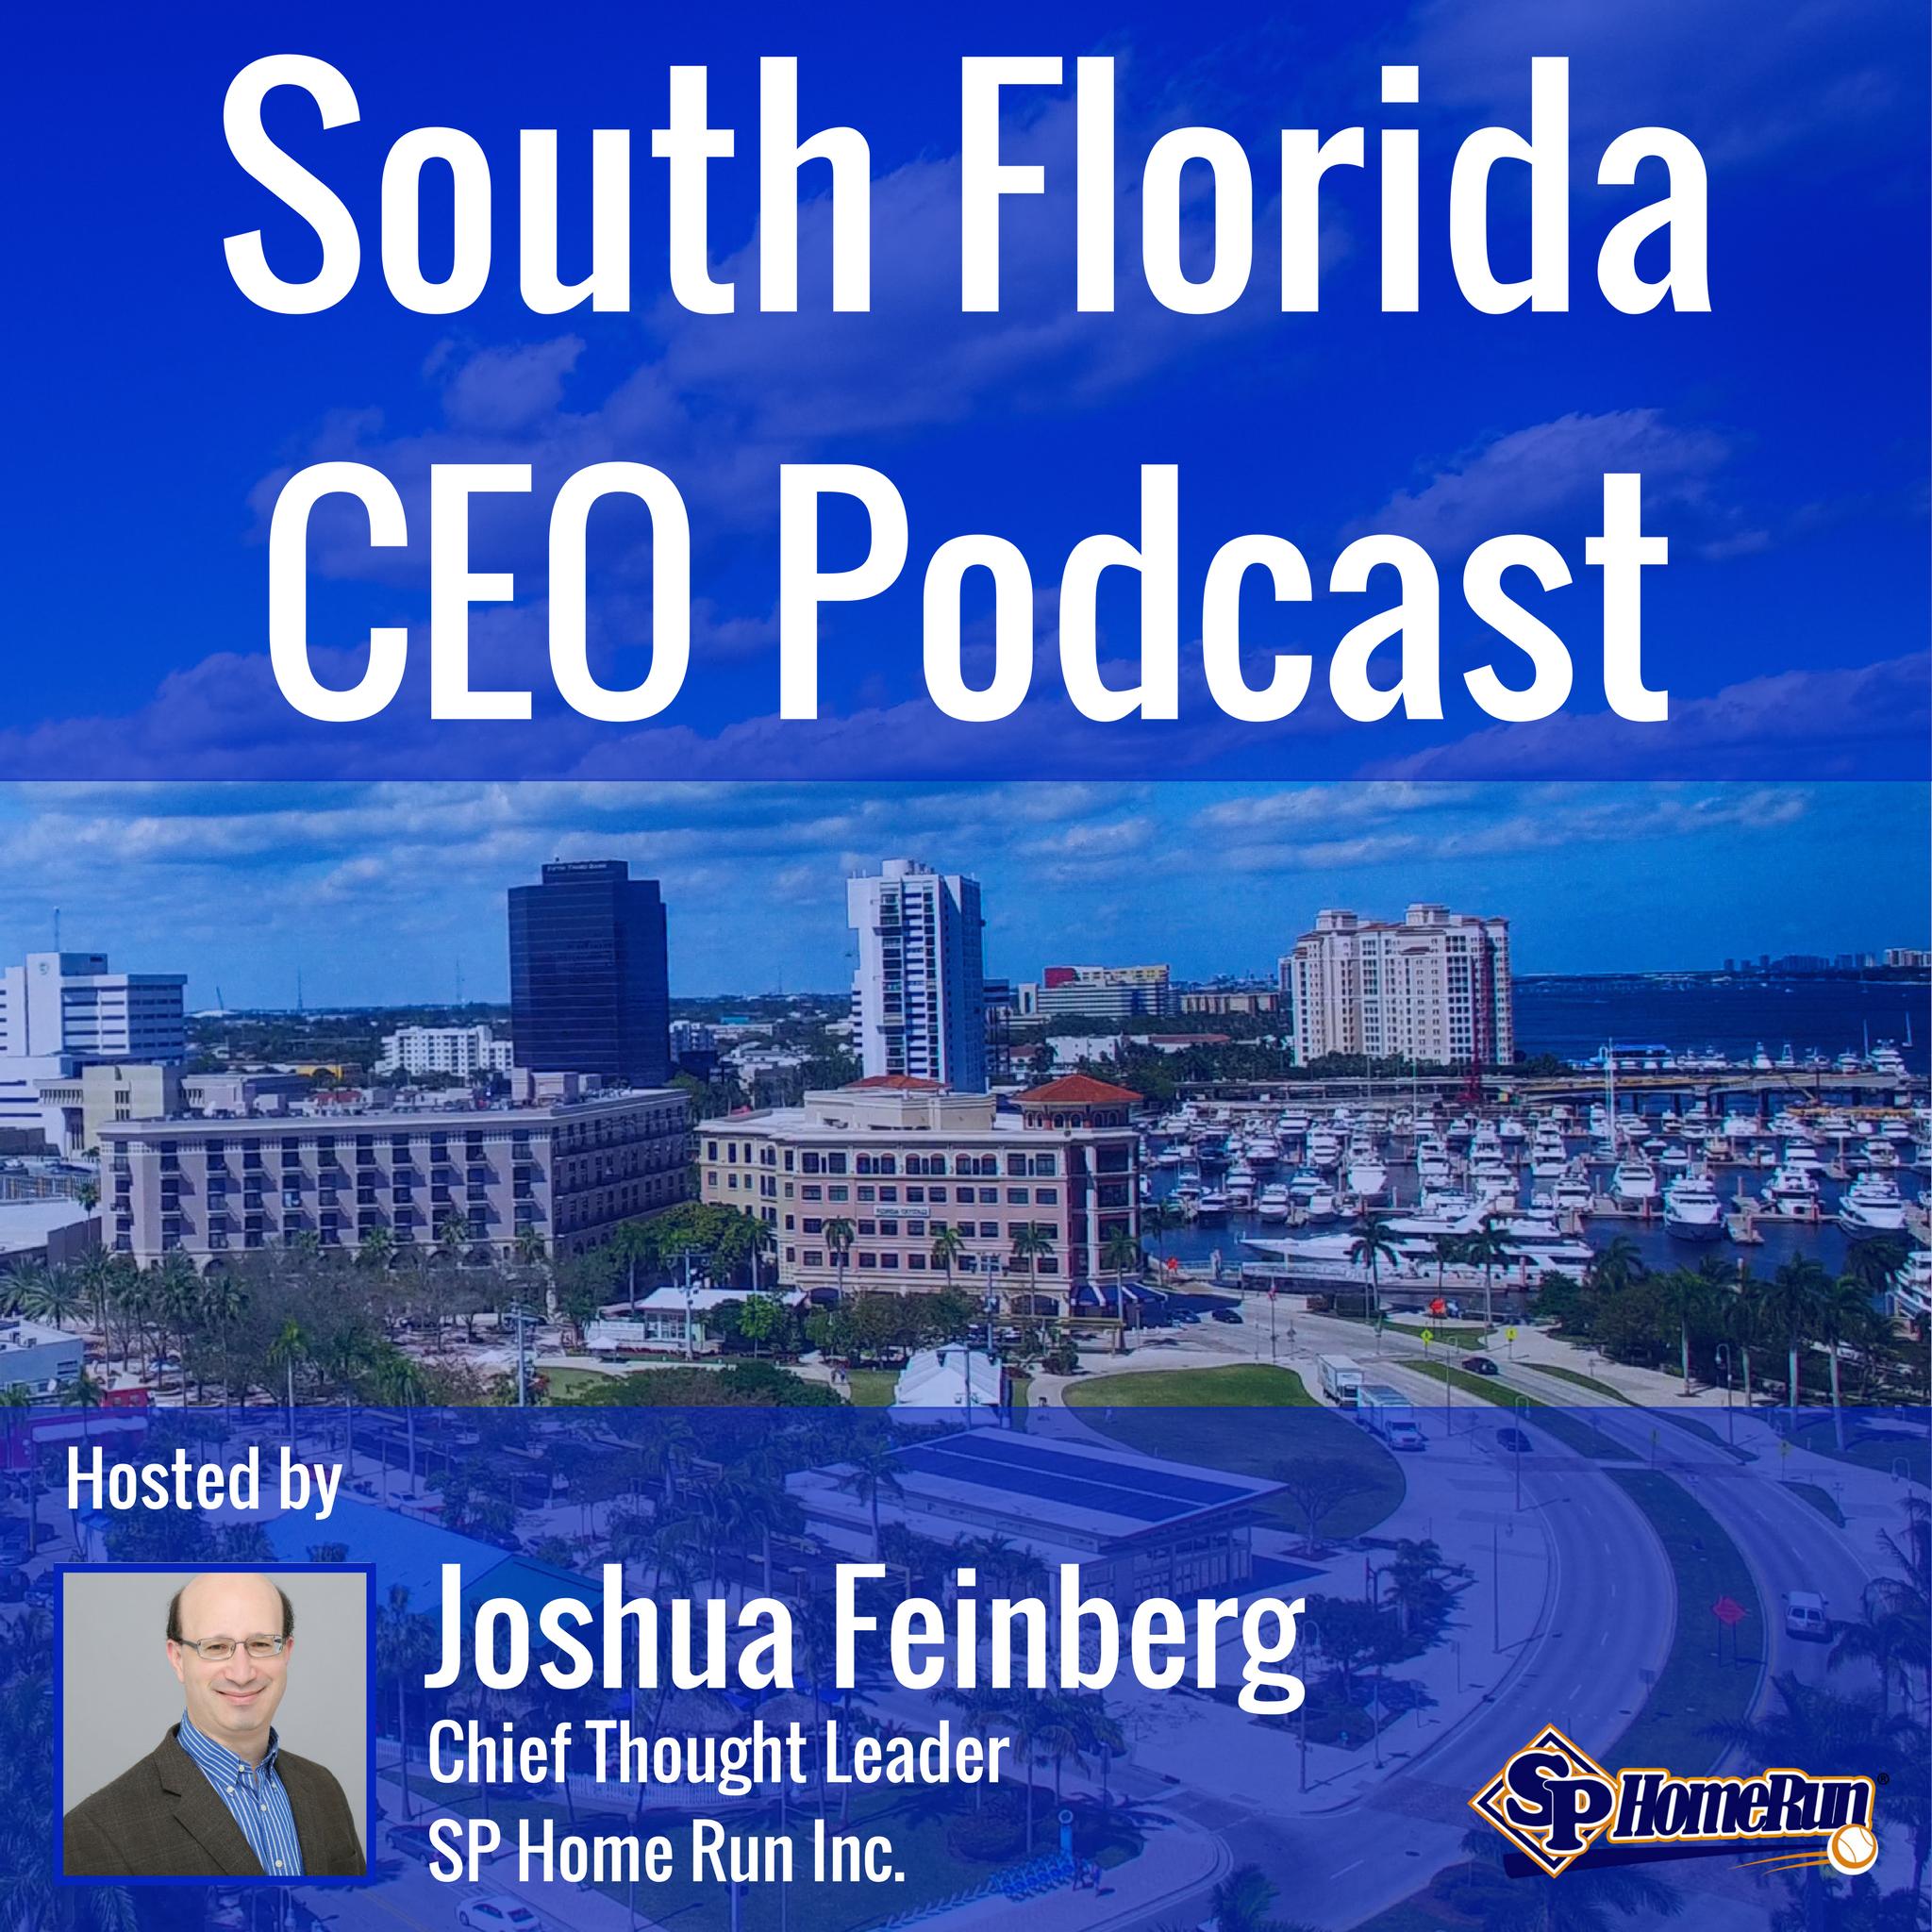 South Florida CEO Podcast show art